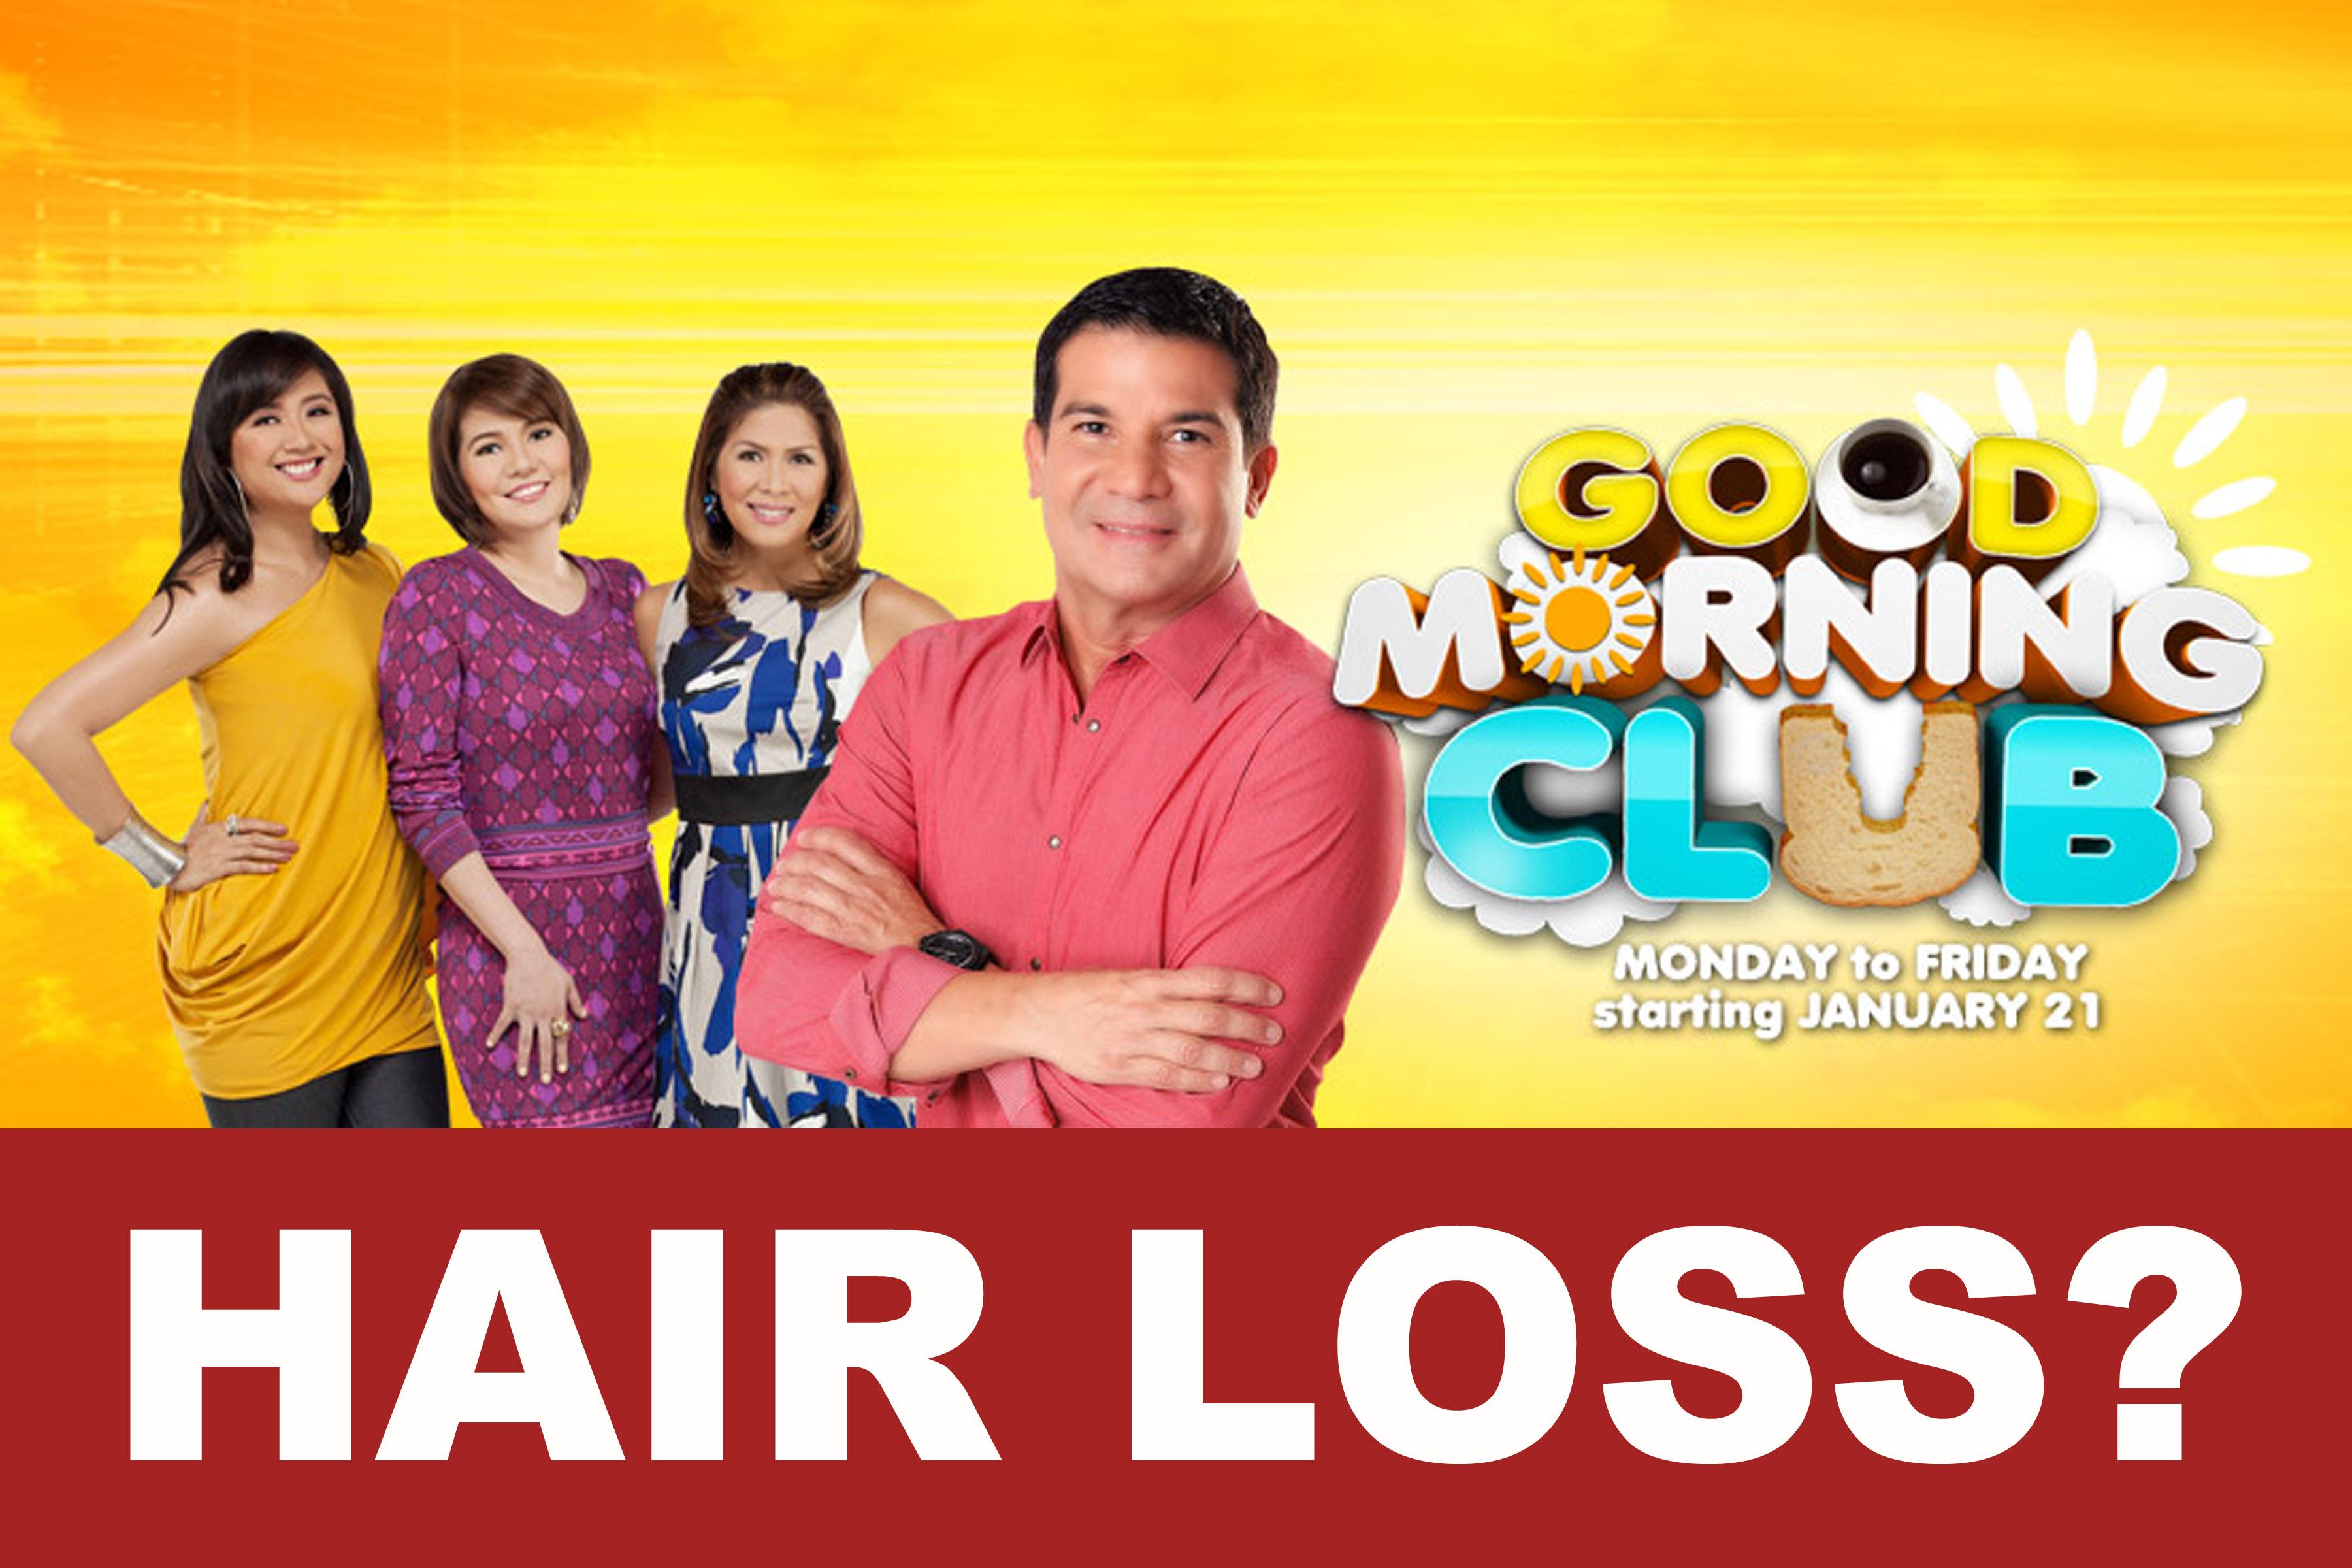 Good Morning Club TV5